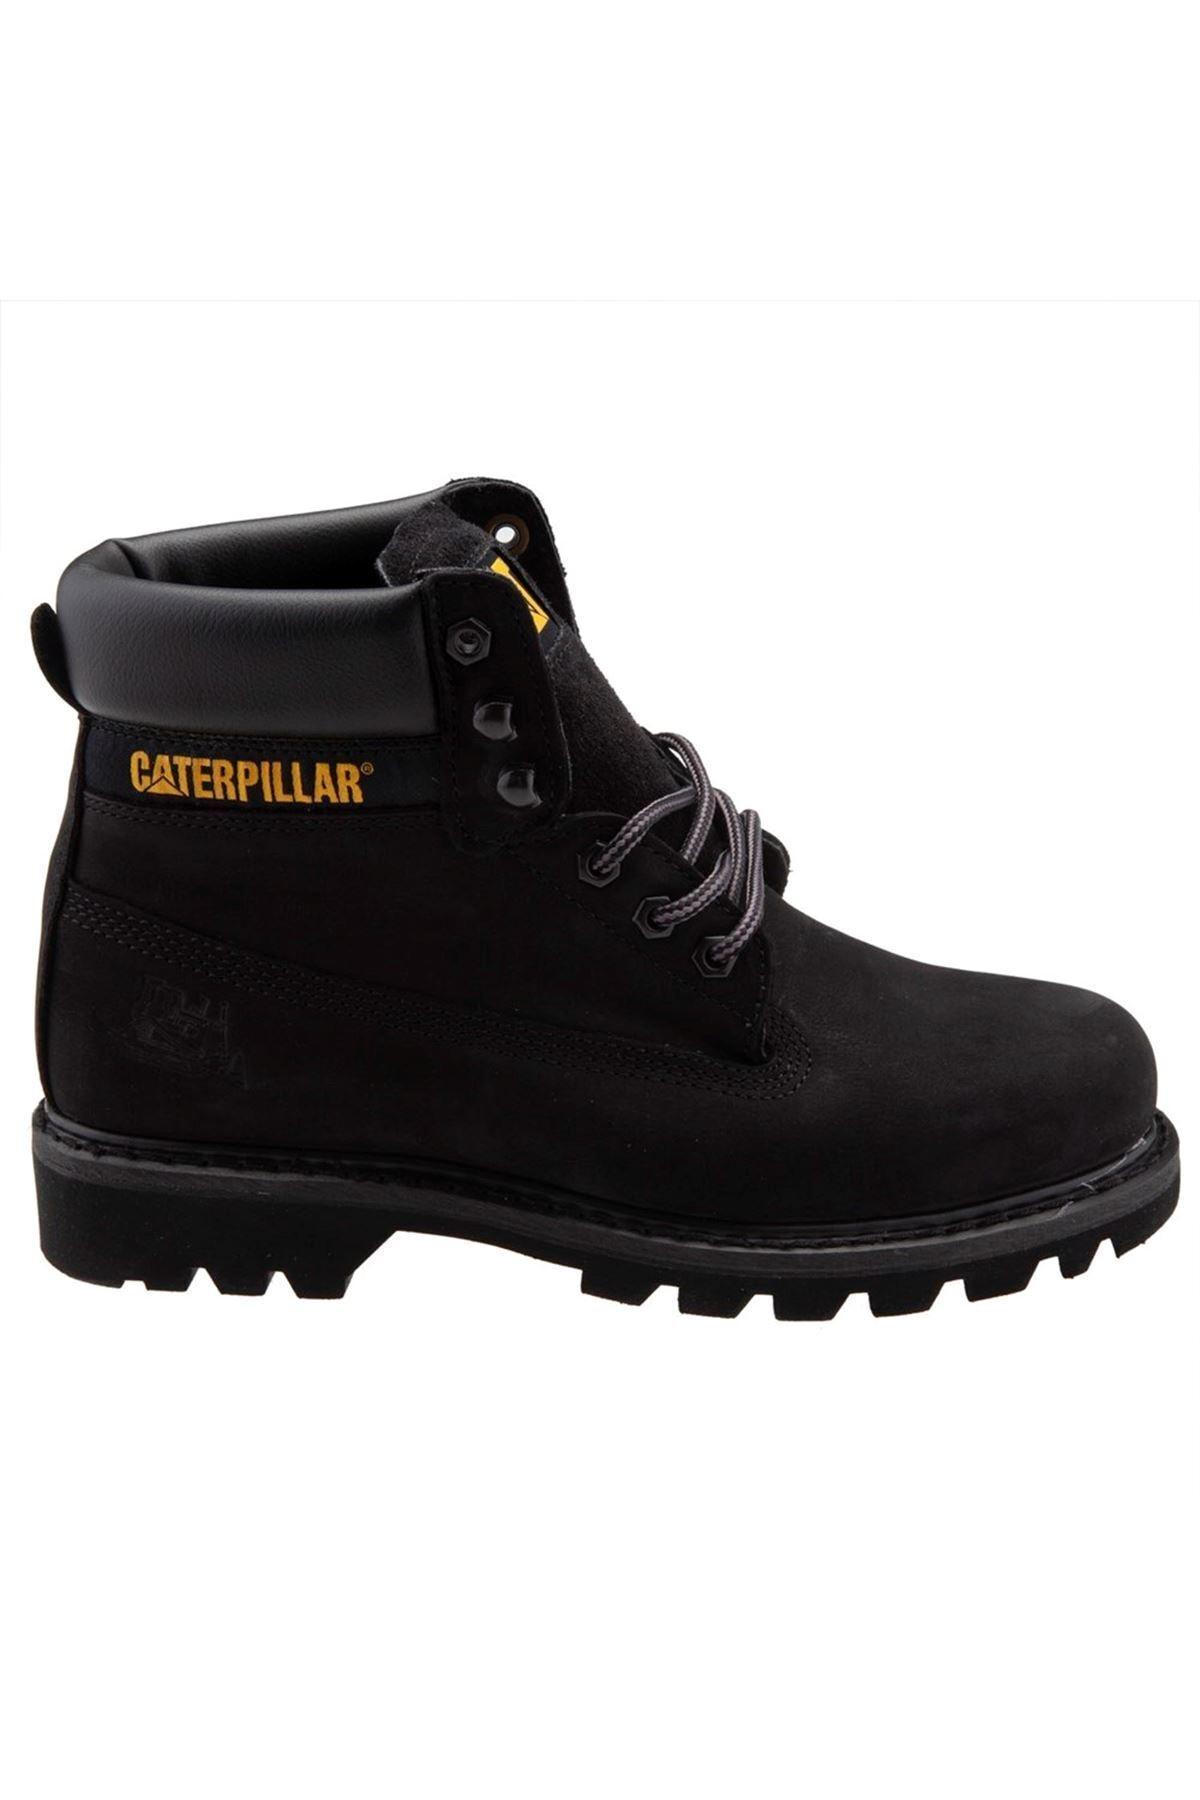 Caterpillar Erkek Siyah Colorado Bot 015m100031 2